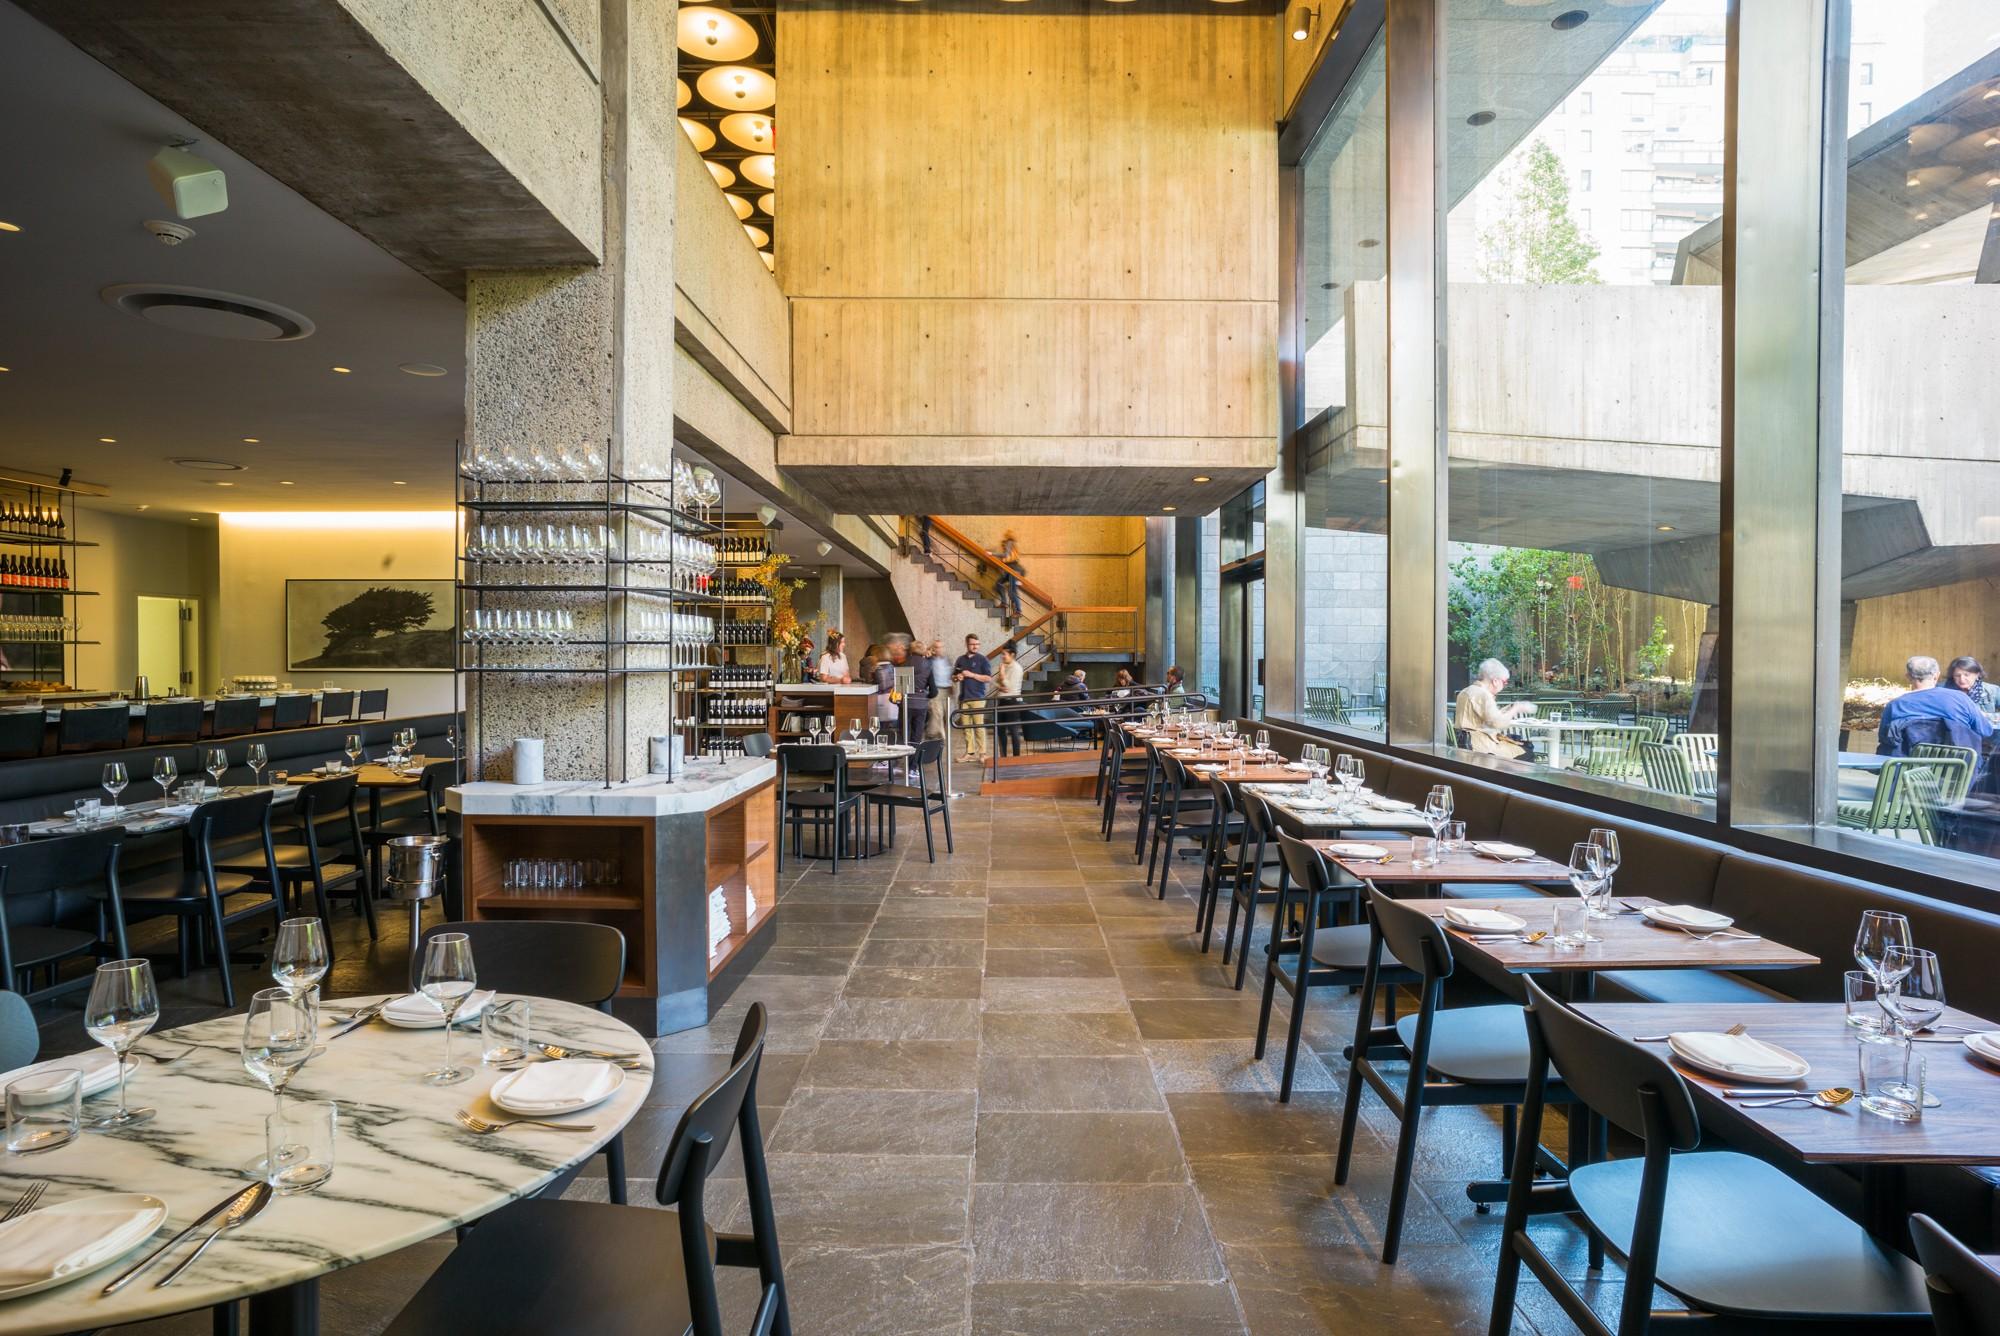 أفضل 10 مطاعم جديدة في أمريكا لعام 2022